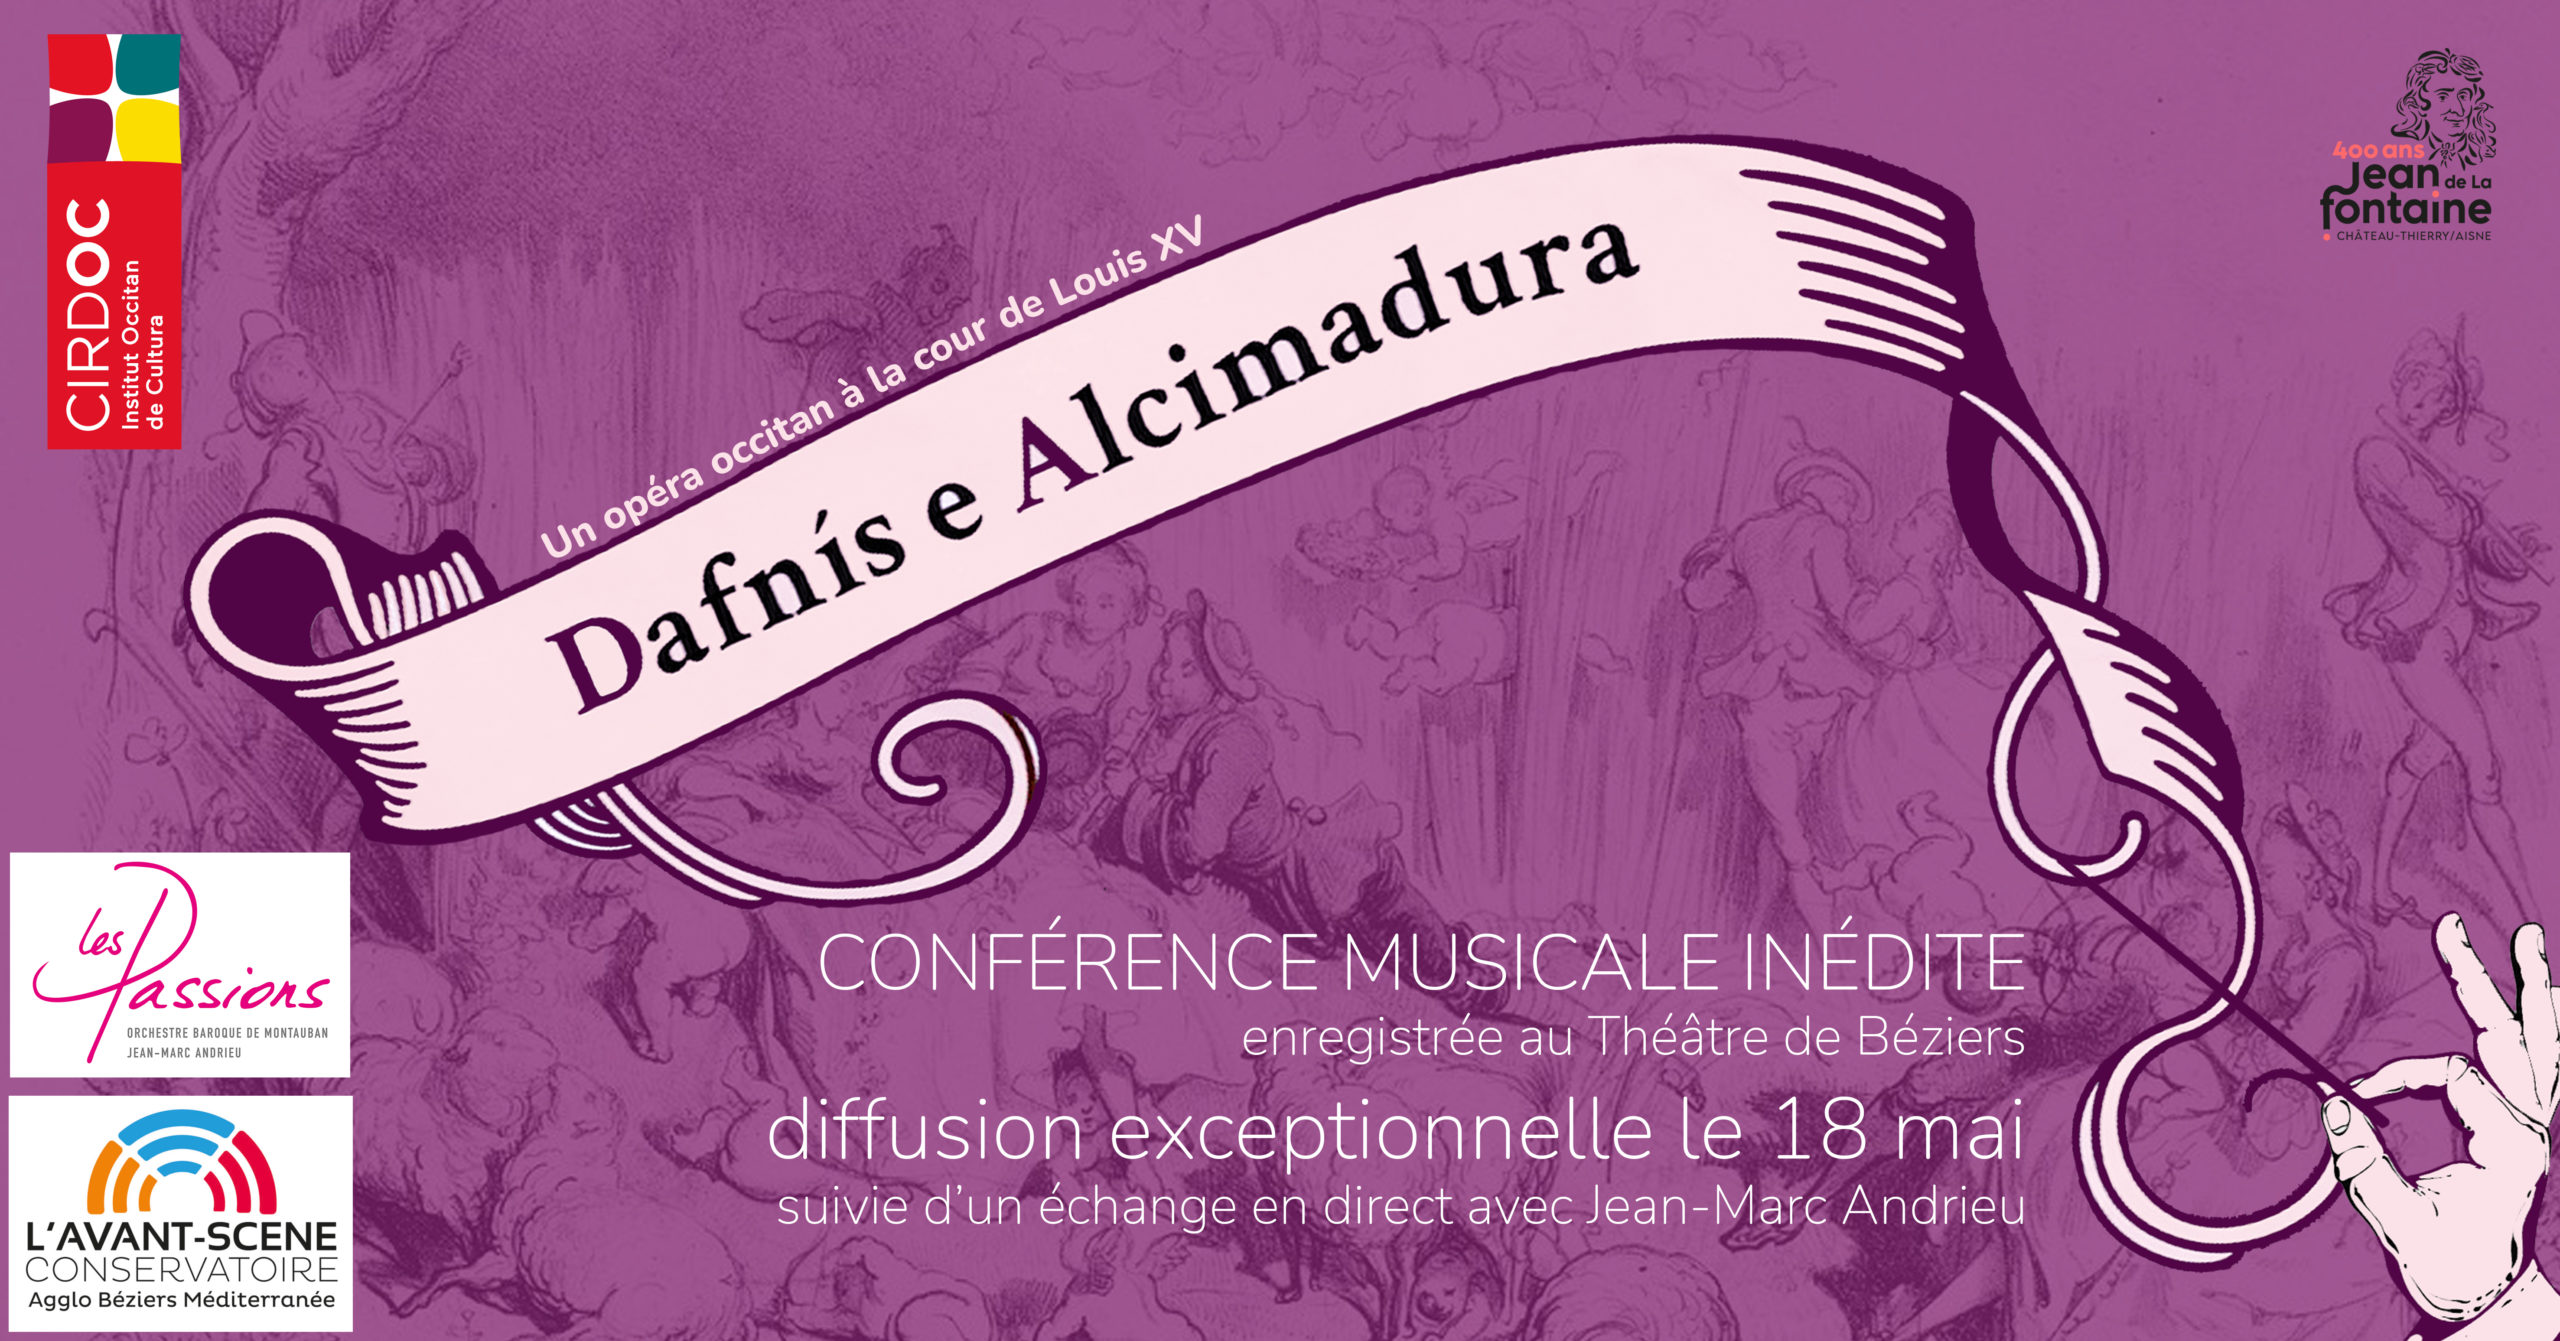 Conférence musicale inédite : à la découverte de l'opéra baroque occitan Daphnis et Alcimadure